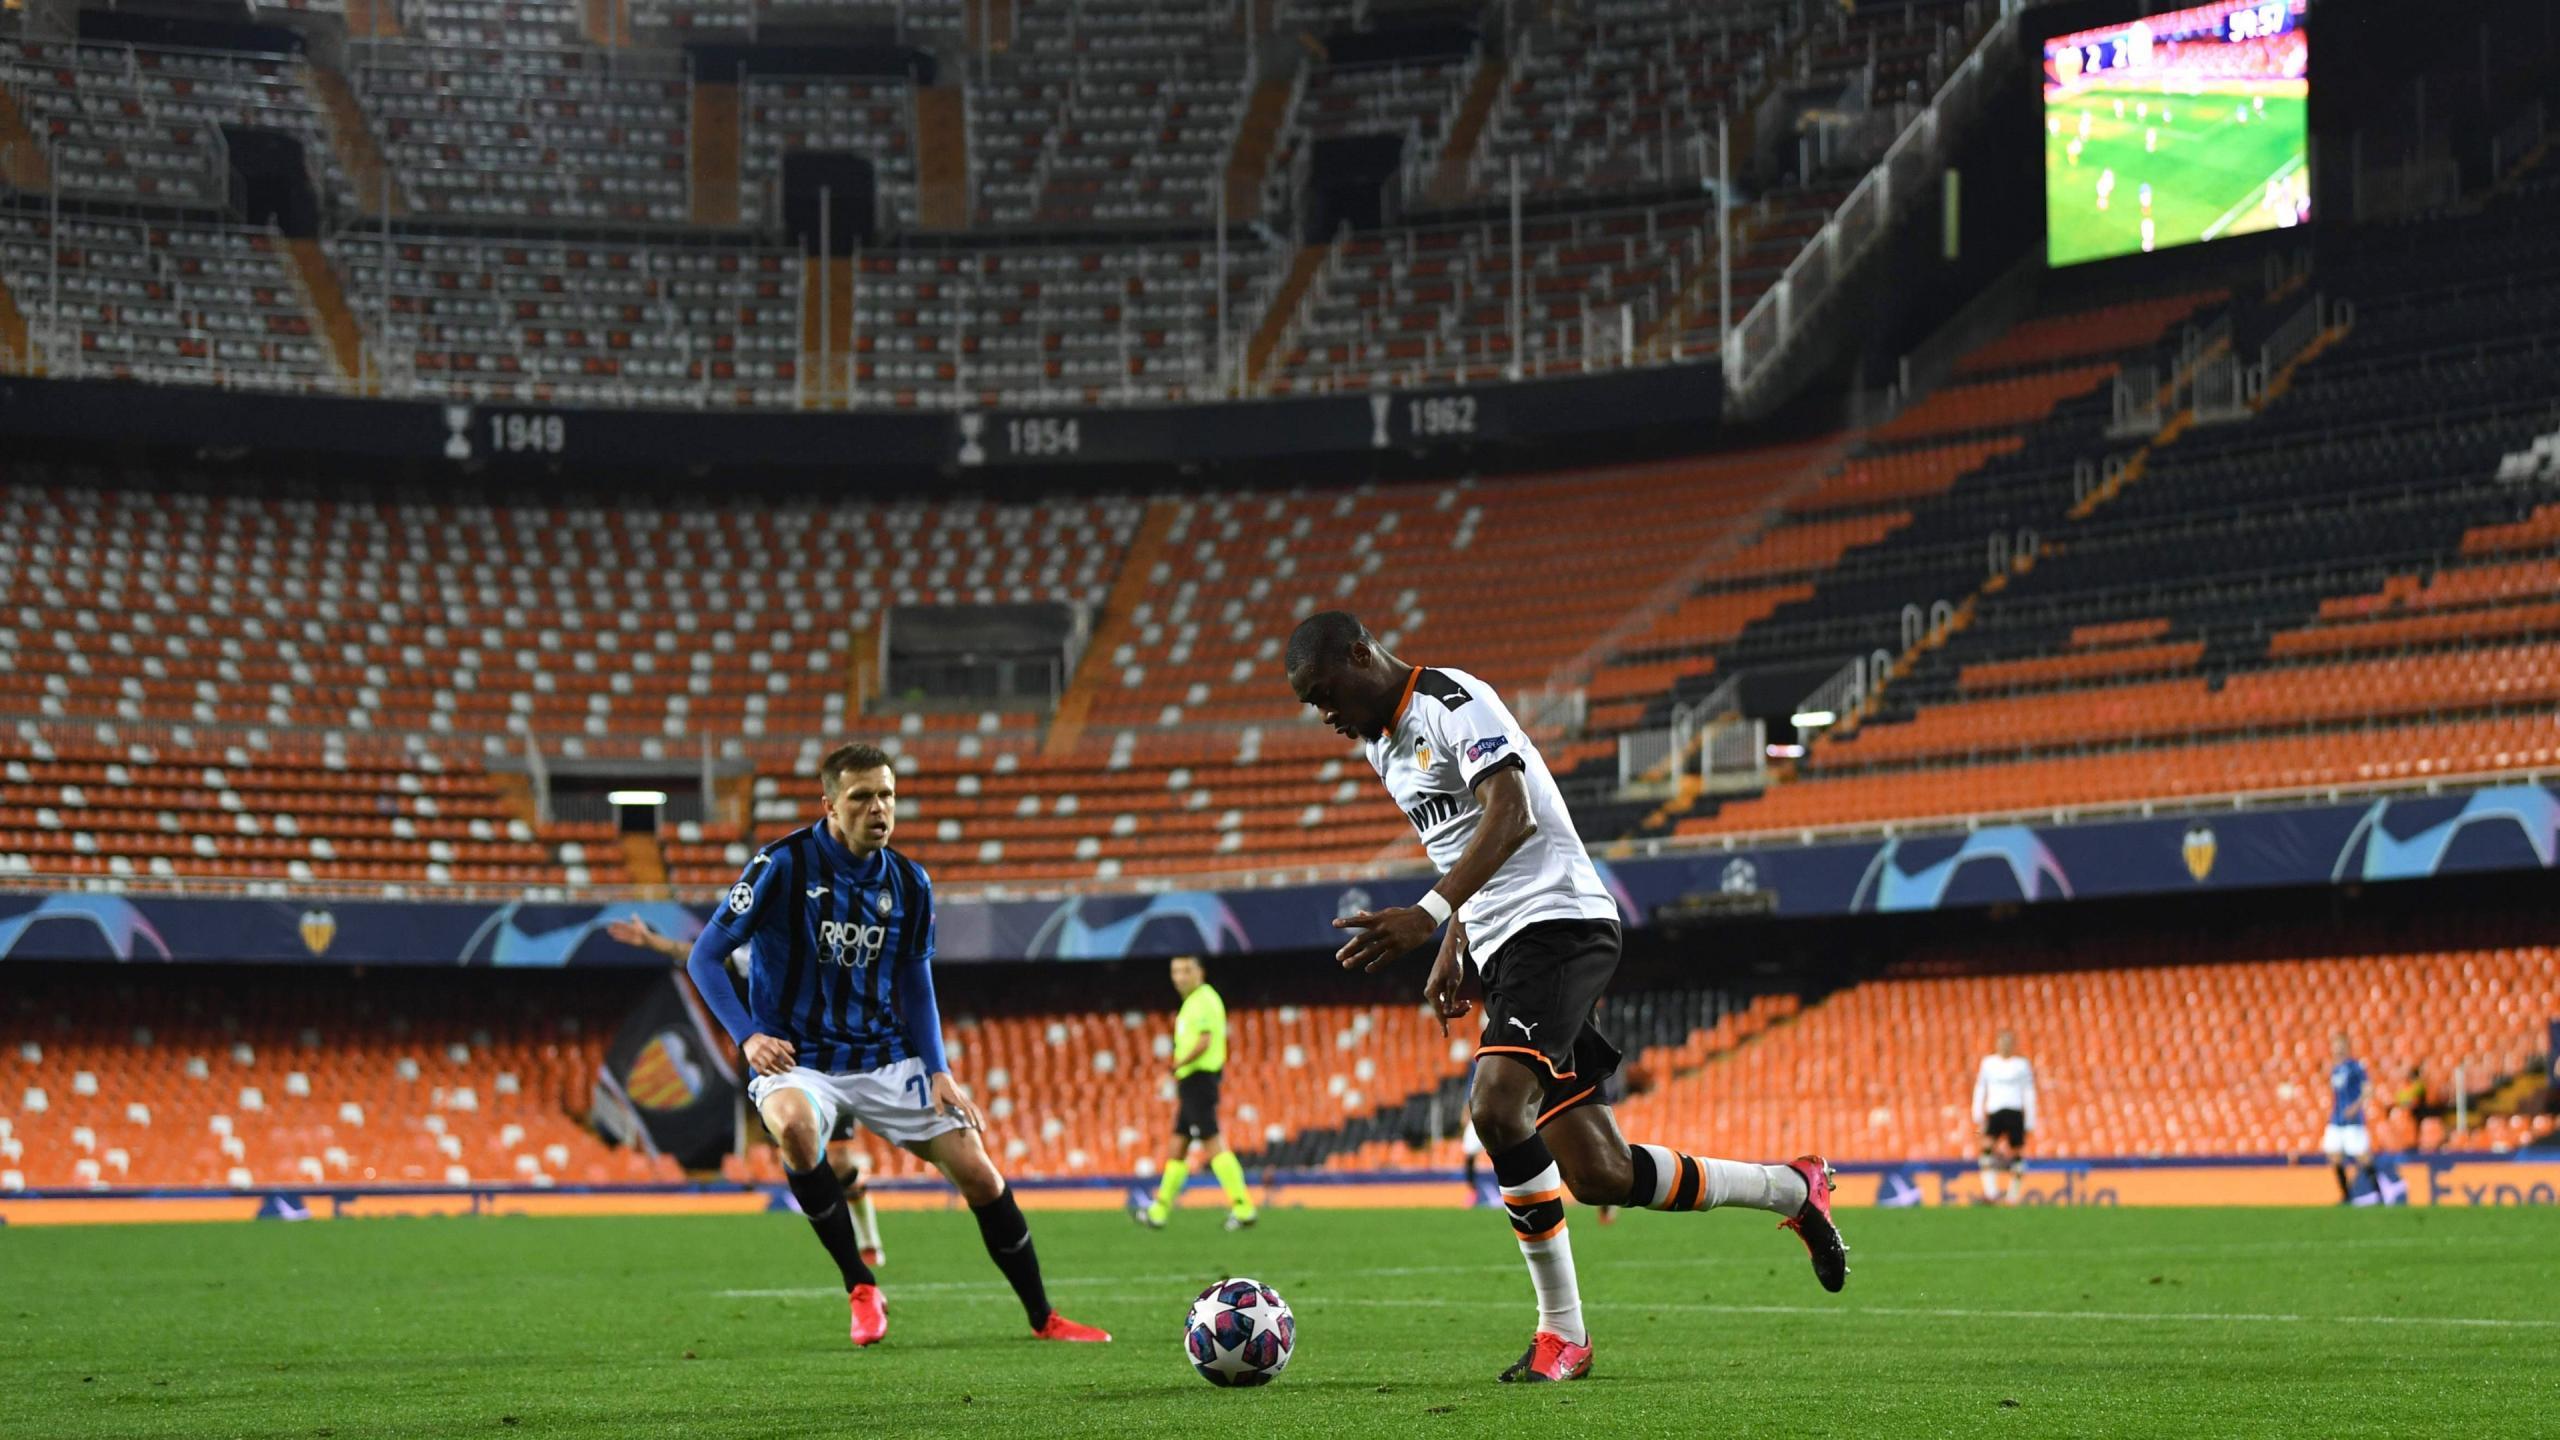 Преимущество футбольных команд в домашних матчах сохранилось при пустых трибунах